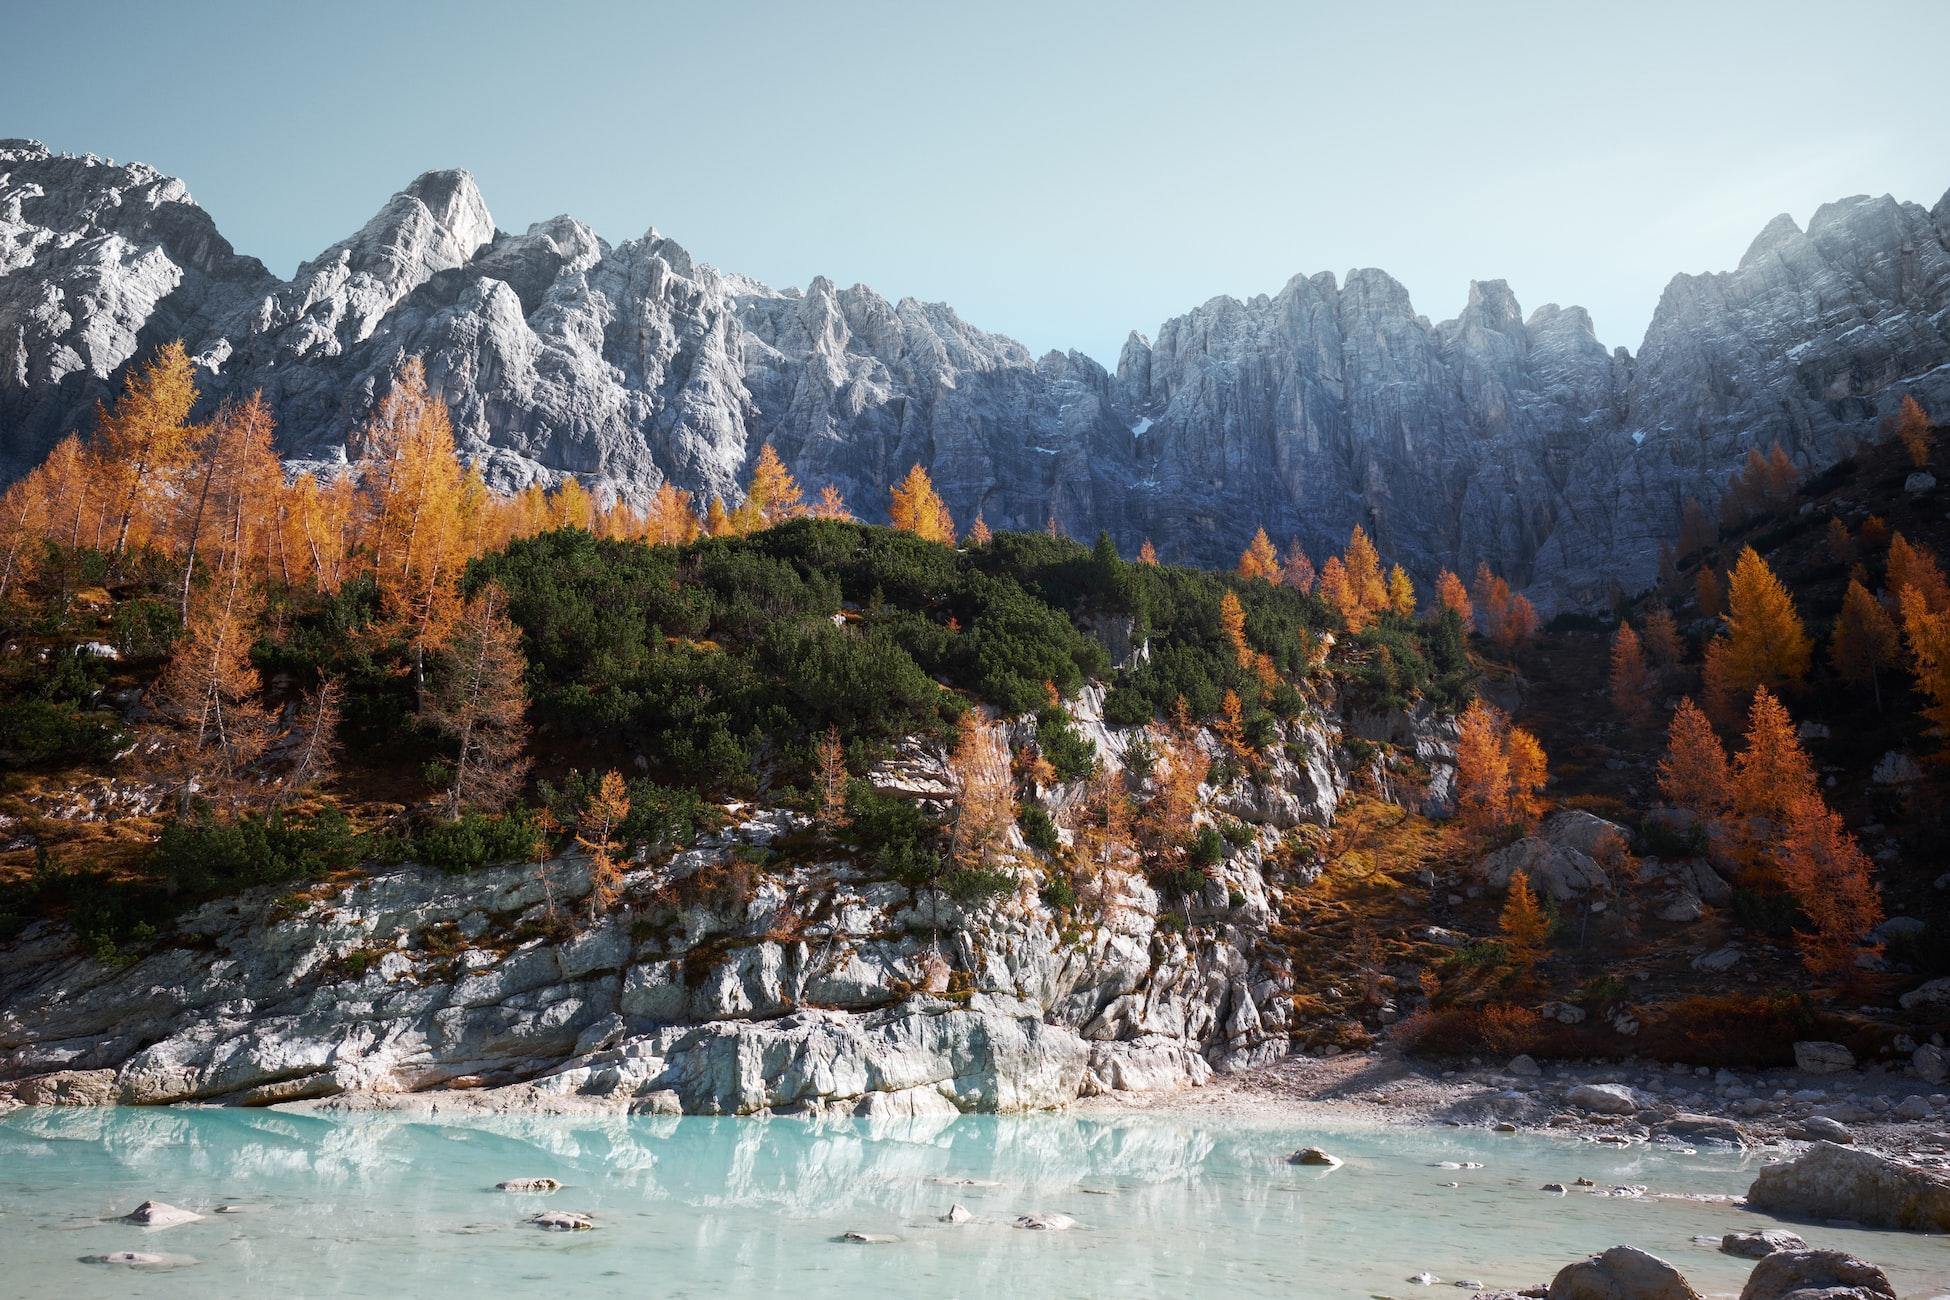 Фон с горами и осенним лесом для сайта и дизайна в высоком качестве